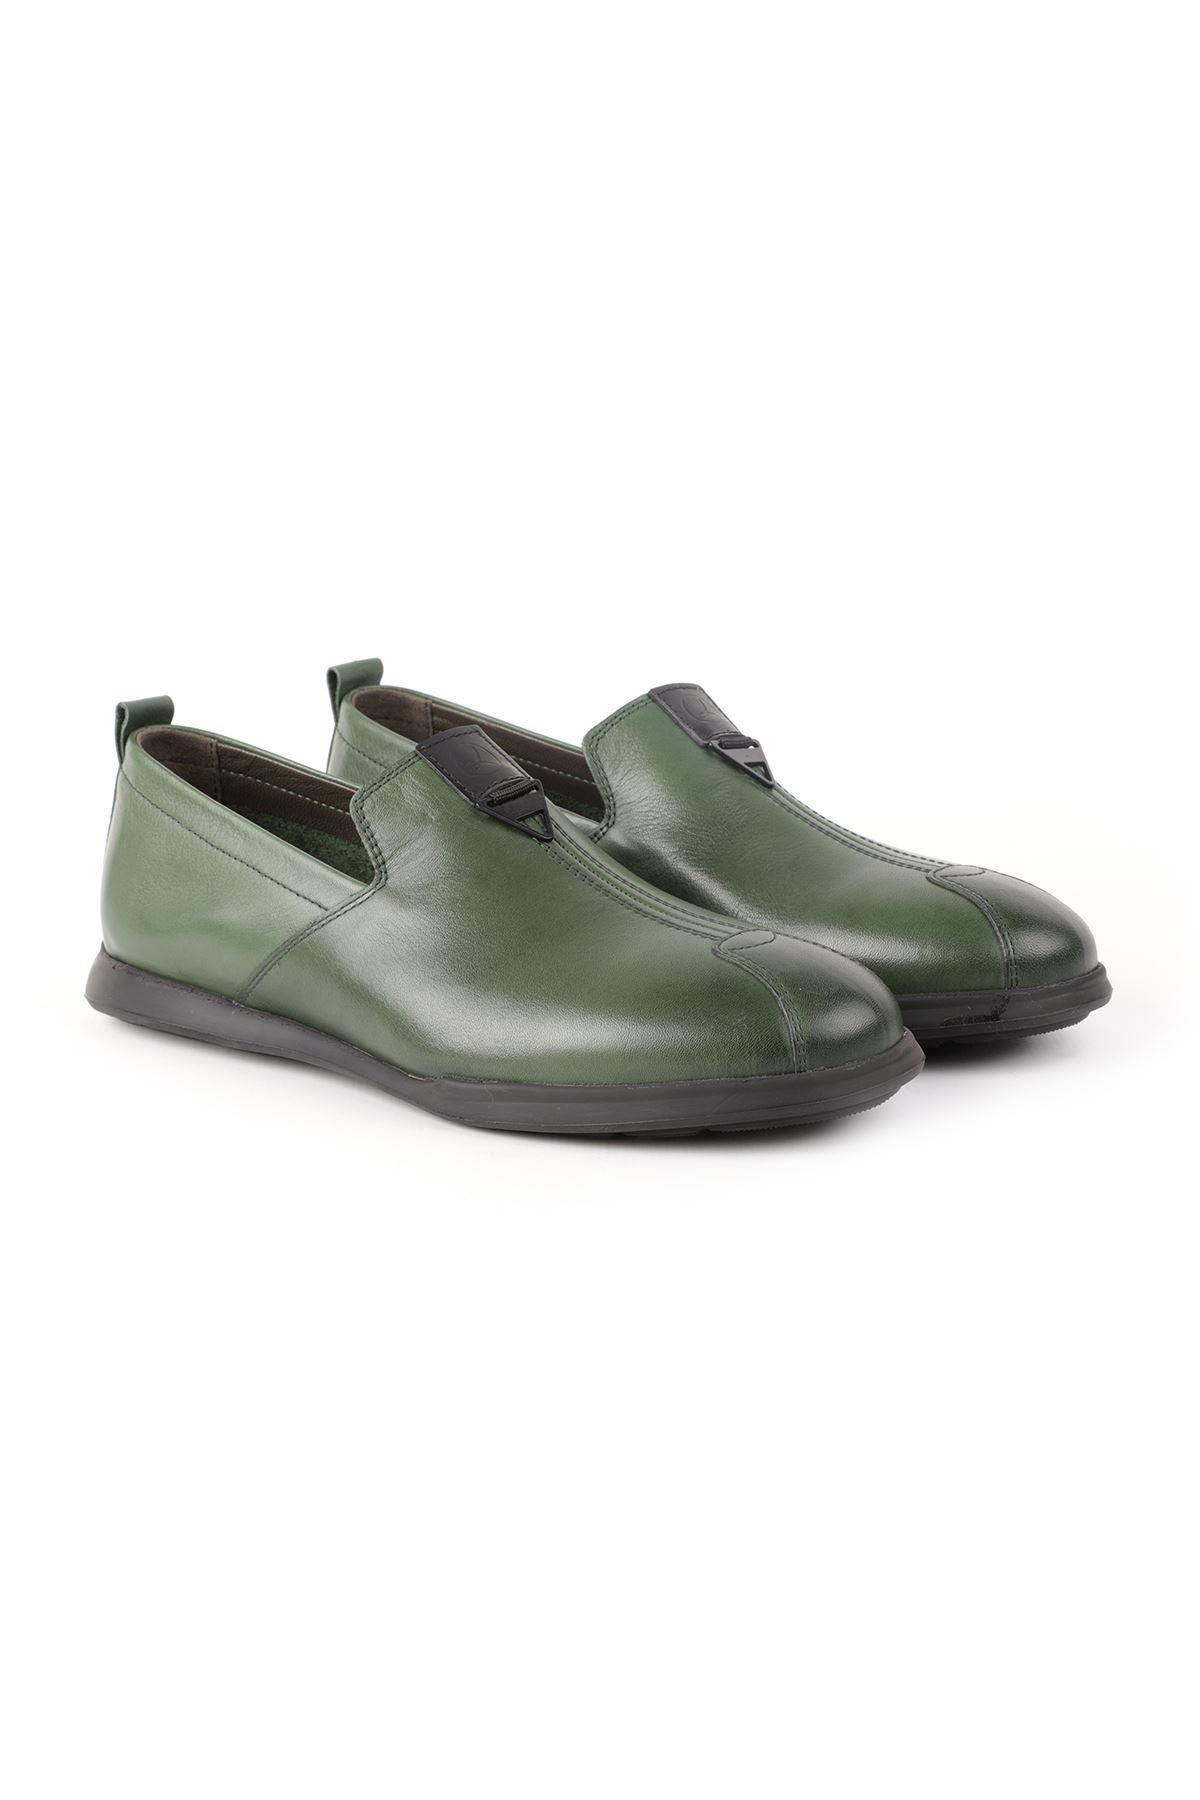 Libero L3749 Haki Casual Erkek Ayakkabı